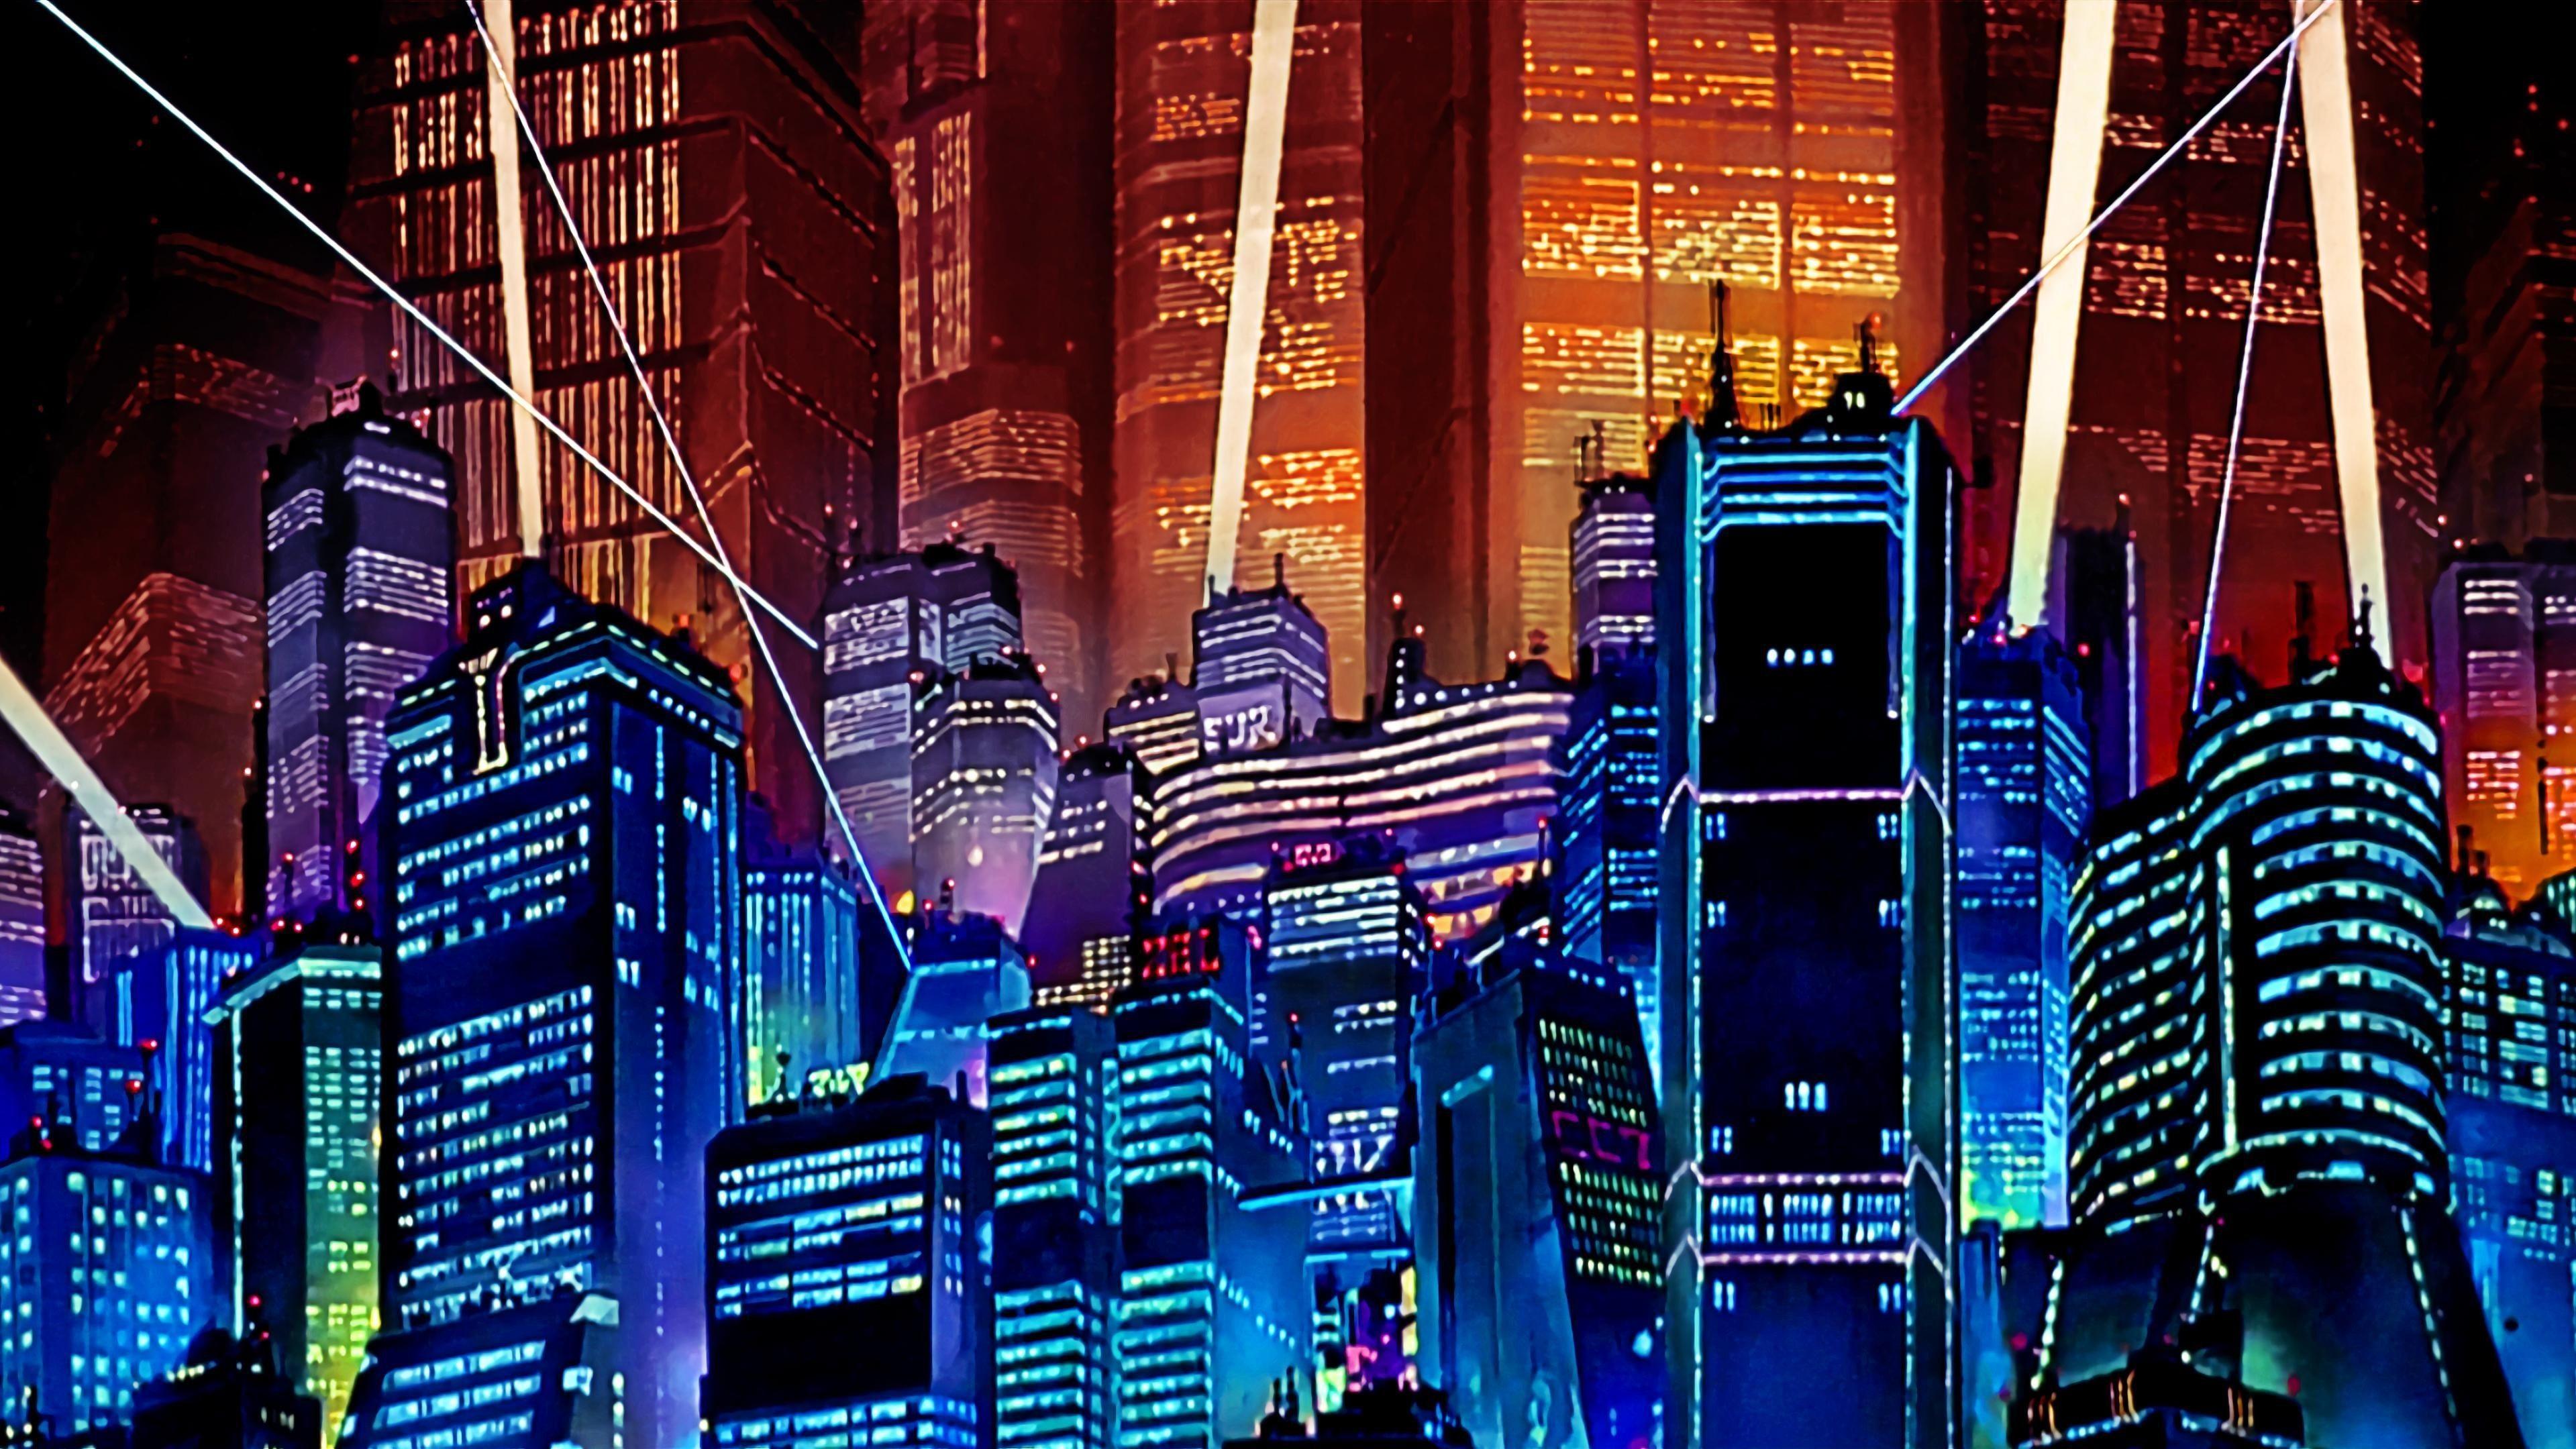 Cyberpunk Tokyo Wallpapers Top Free Cyberpunk Tokyo Backgrounds Wallpaperaccess